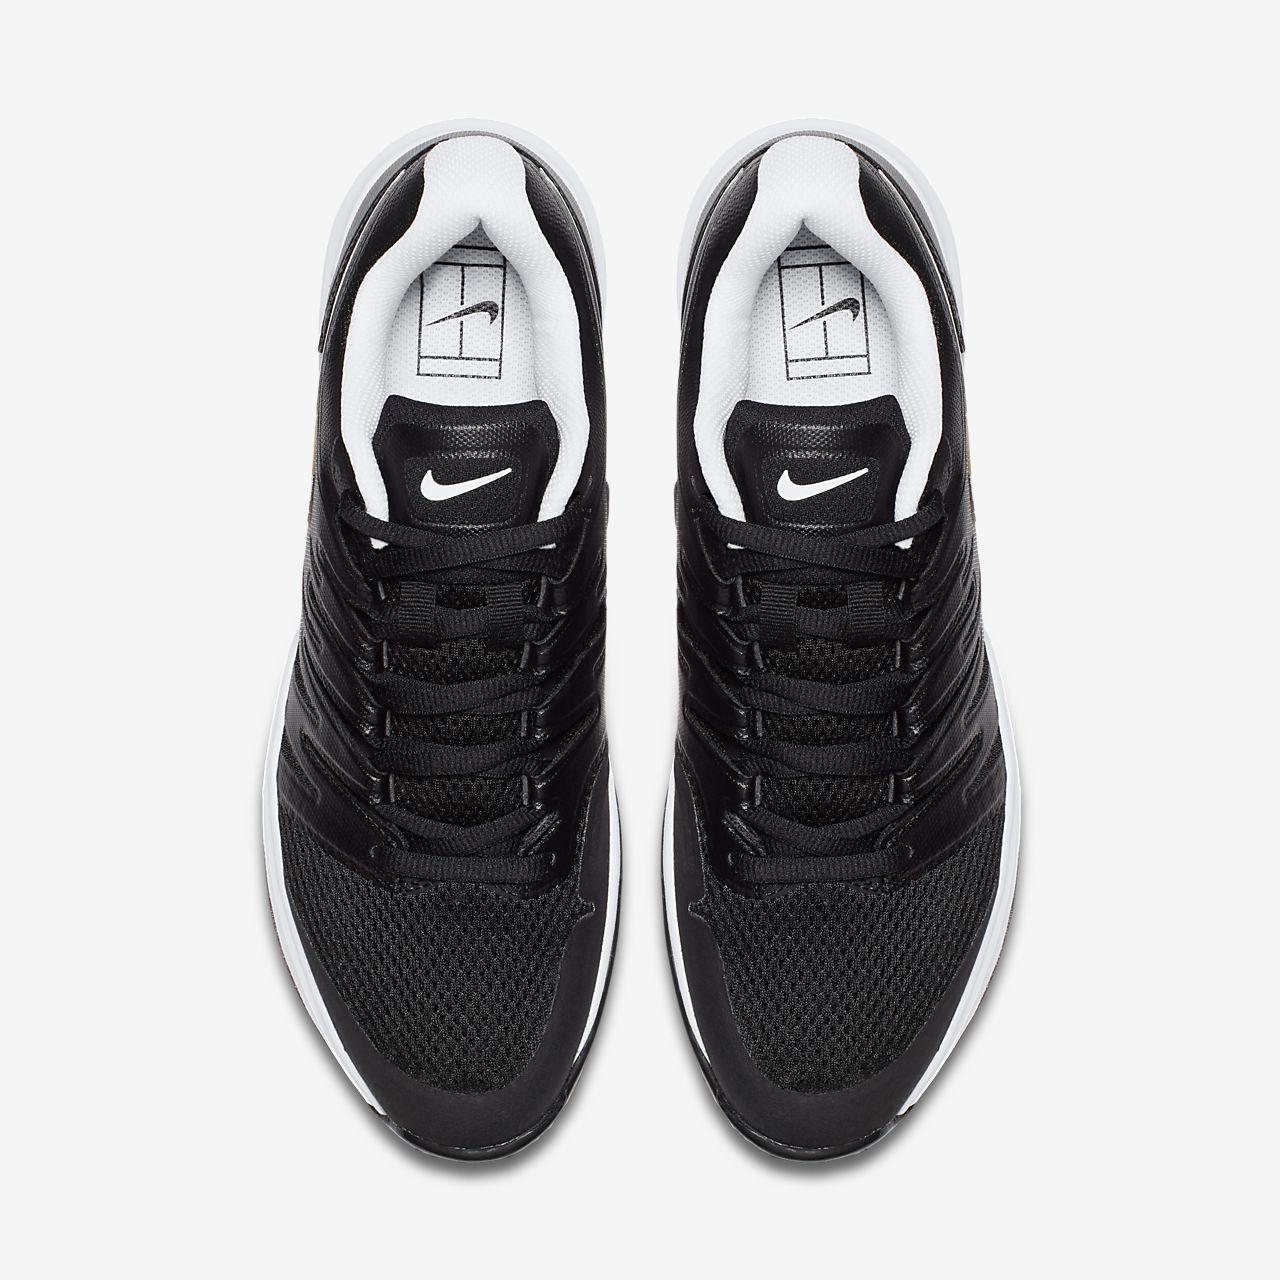 ce5abc6608739 NikeCourt Air Zoom Prestige Men s Hard Court Tennis Shoe. Nike.com AU